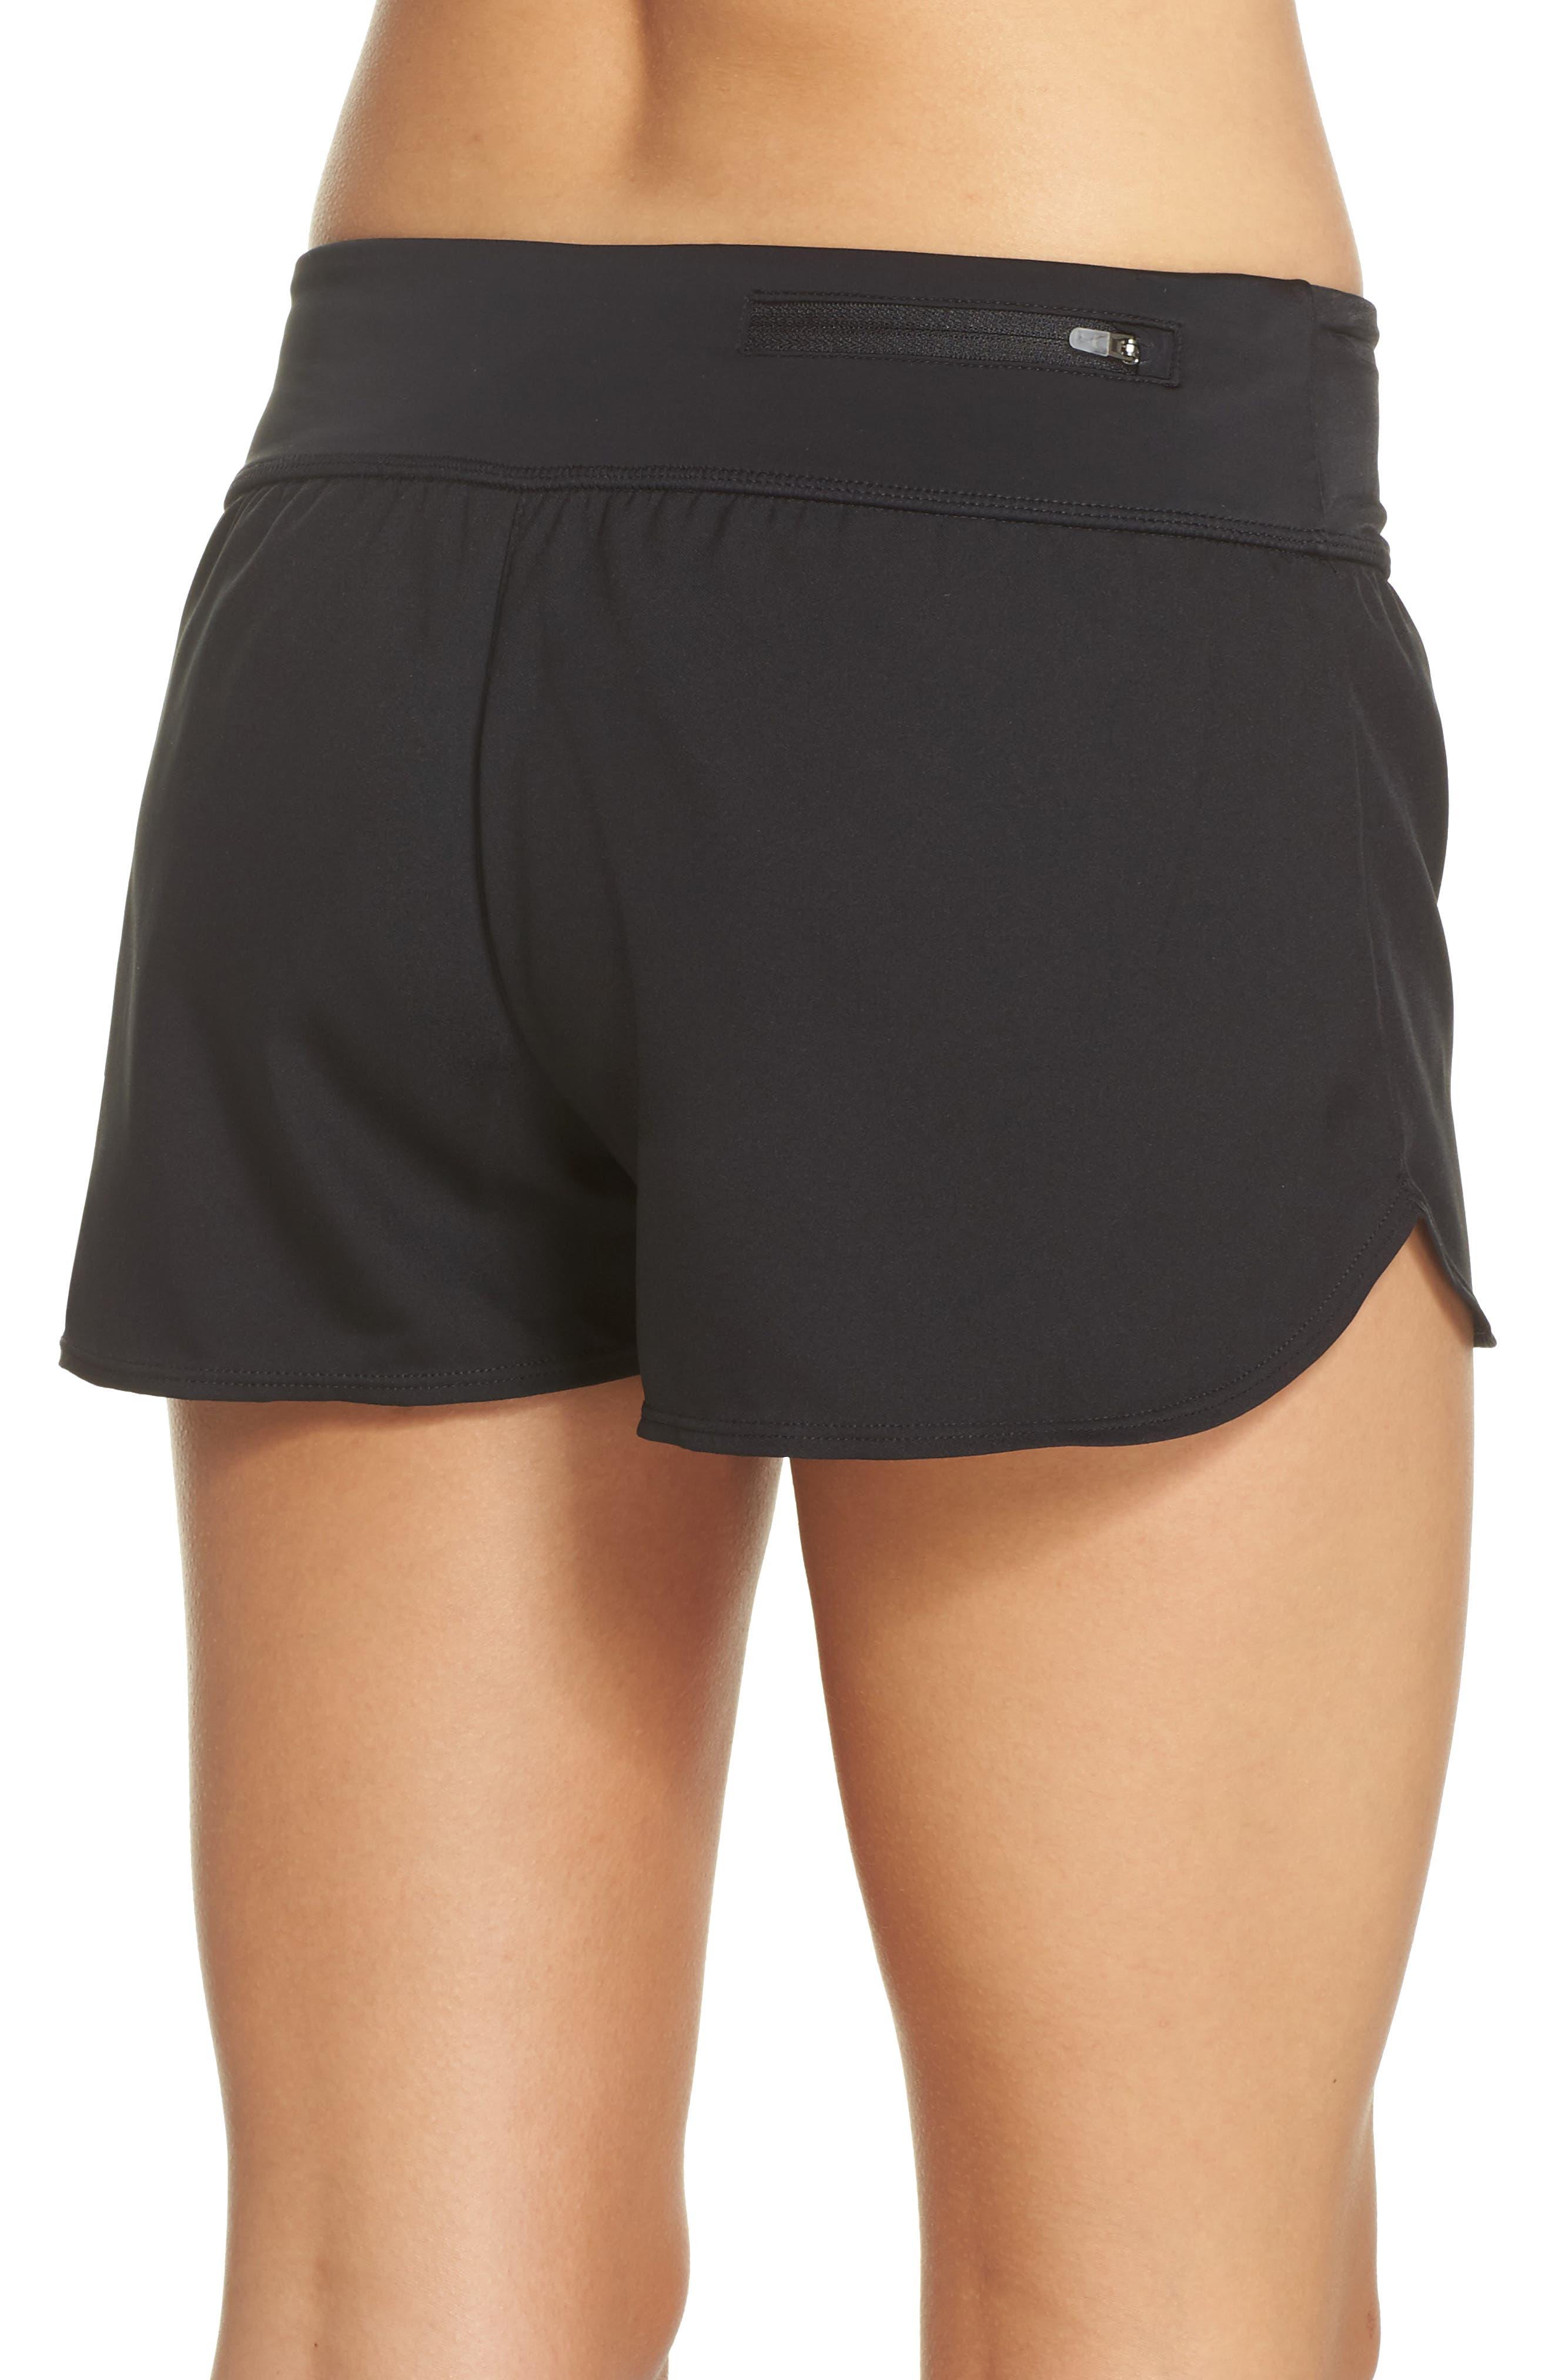 Swim Board Shorts,                             Alternate thumbnail 2, color,                             Black